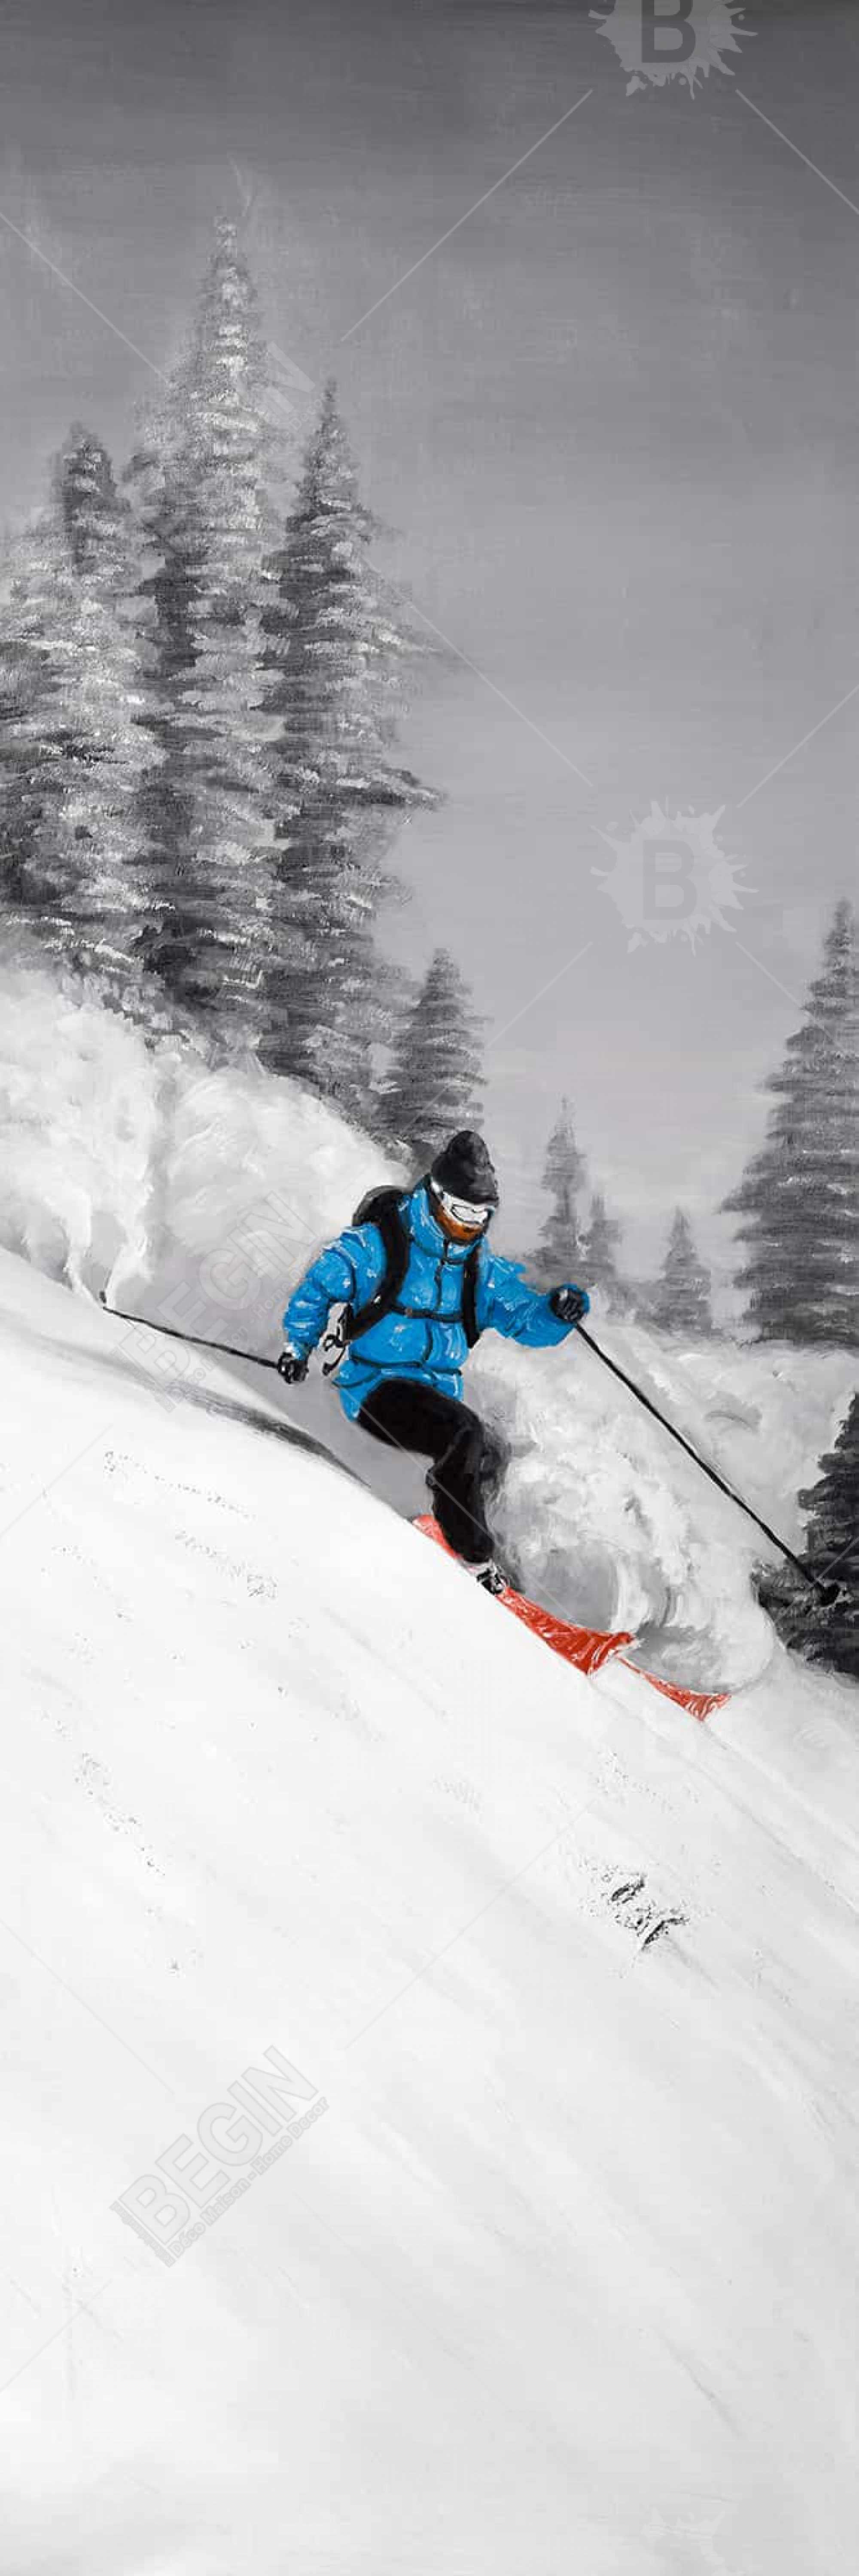 Man skiing in mountain